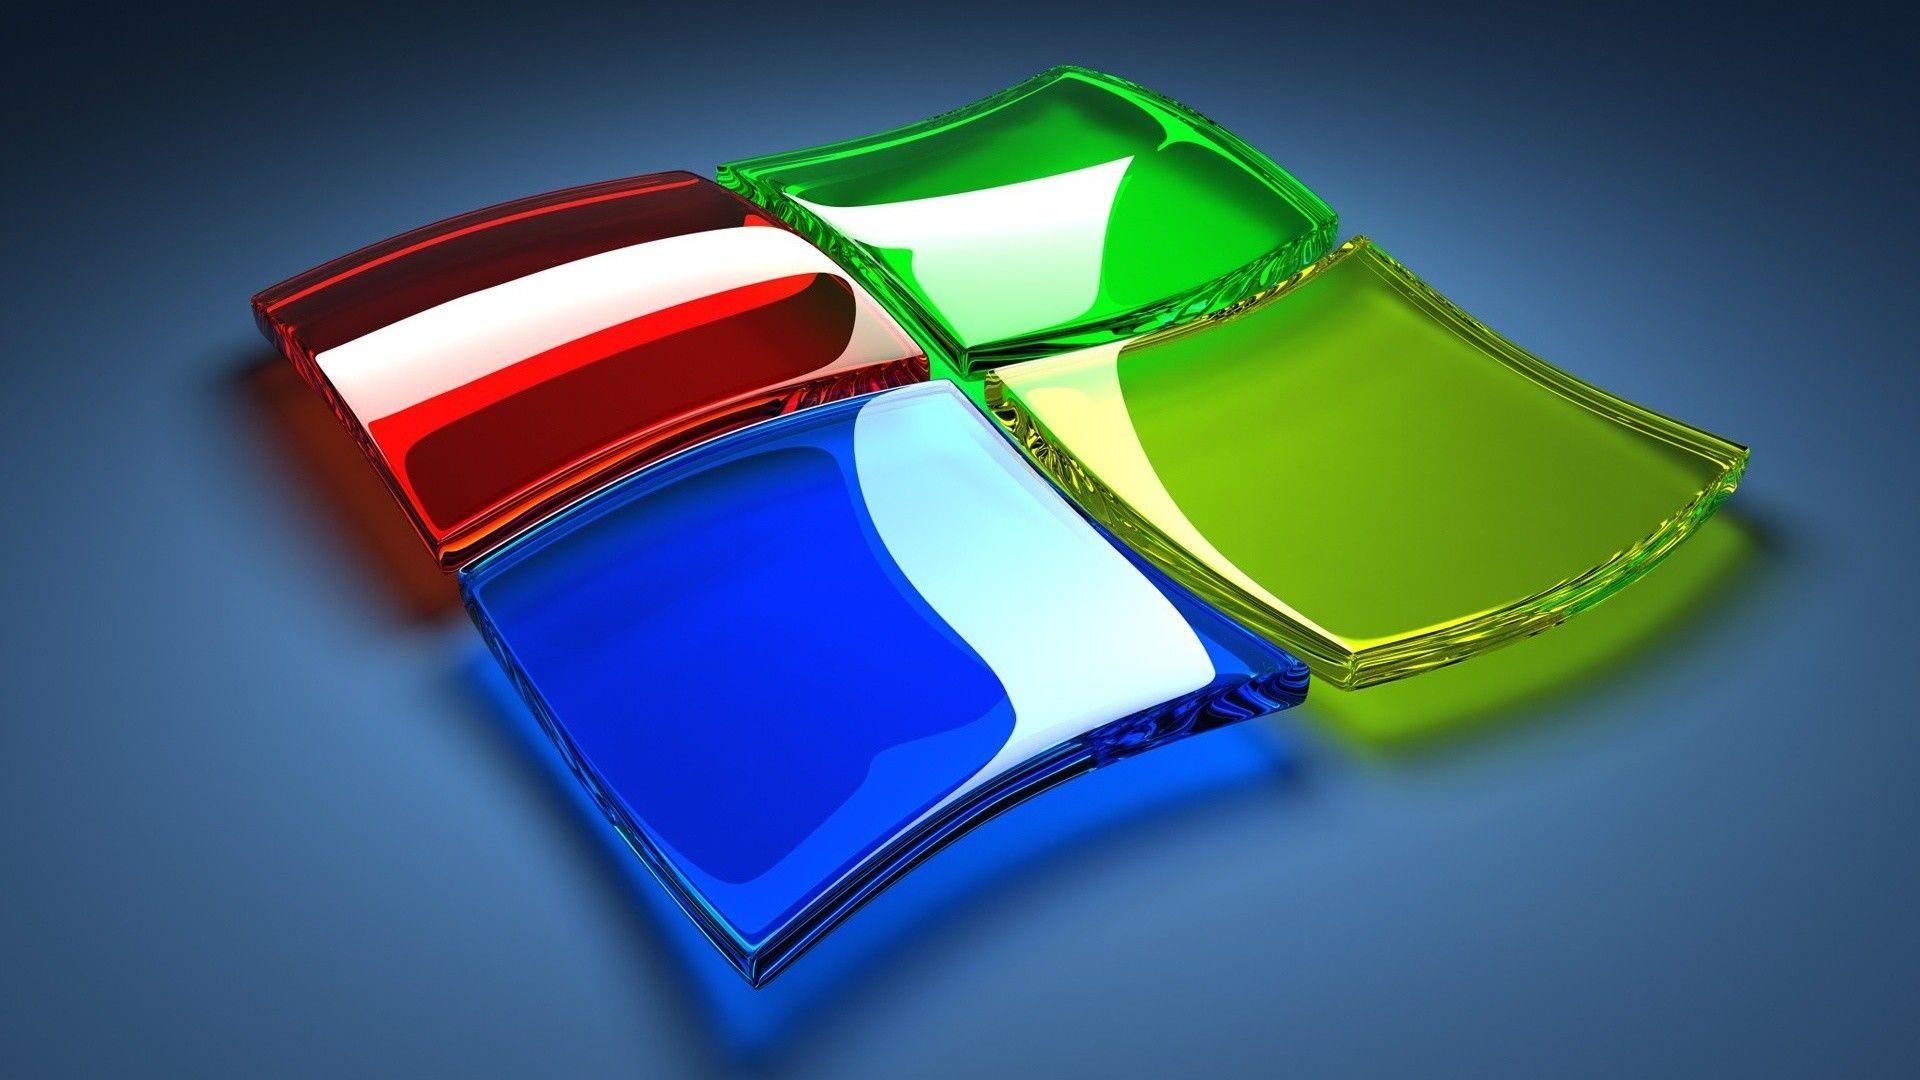 Computer Hd Wallpaper Herunterladen Wallpaper Hd 1080p Kostenloser Download 1920x1080 Wallpapertip